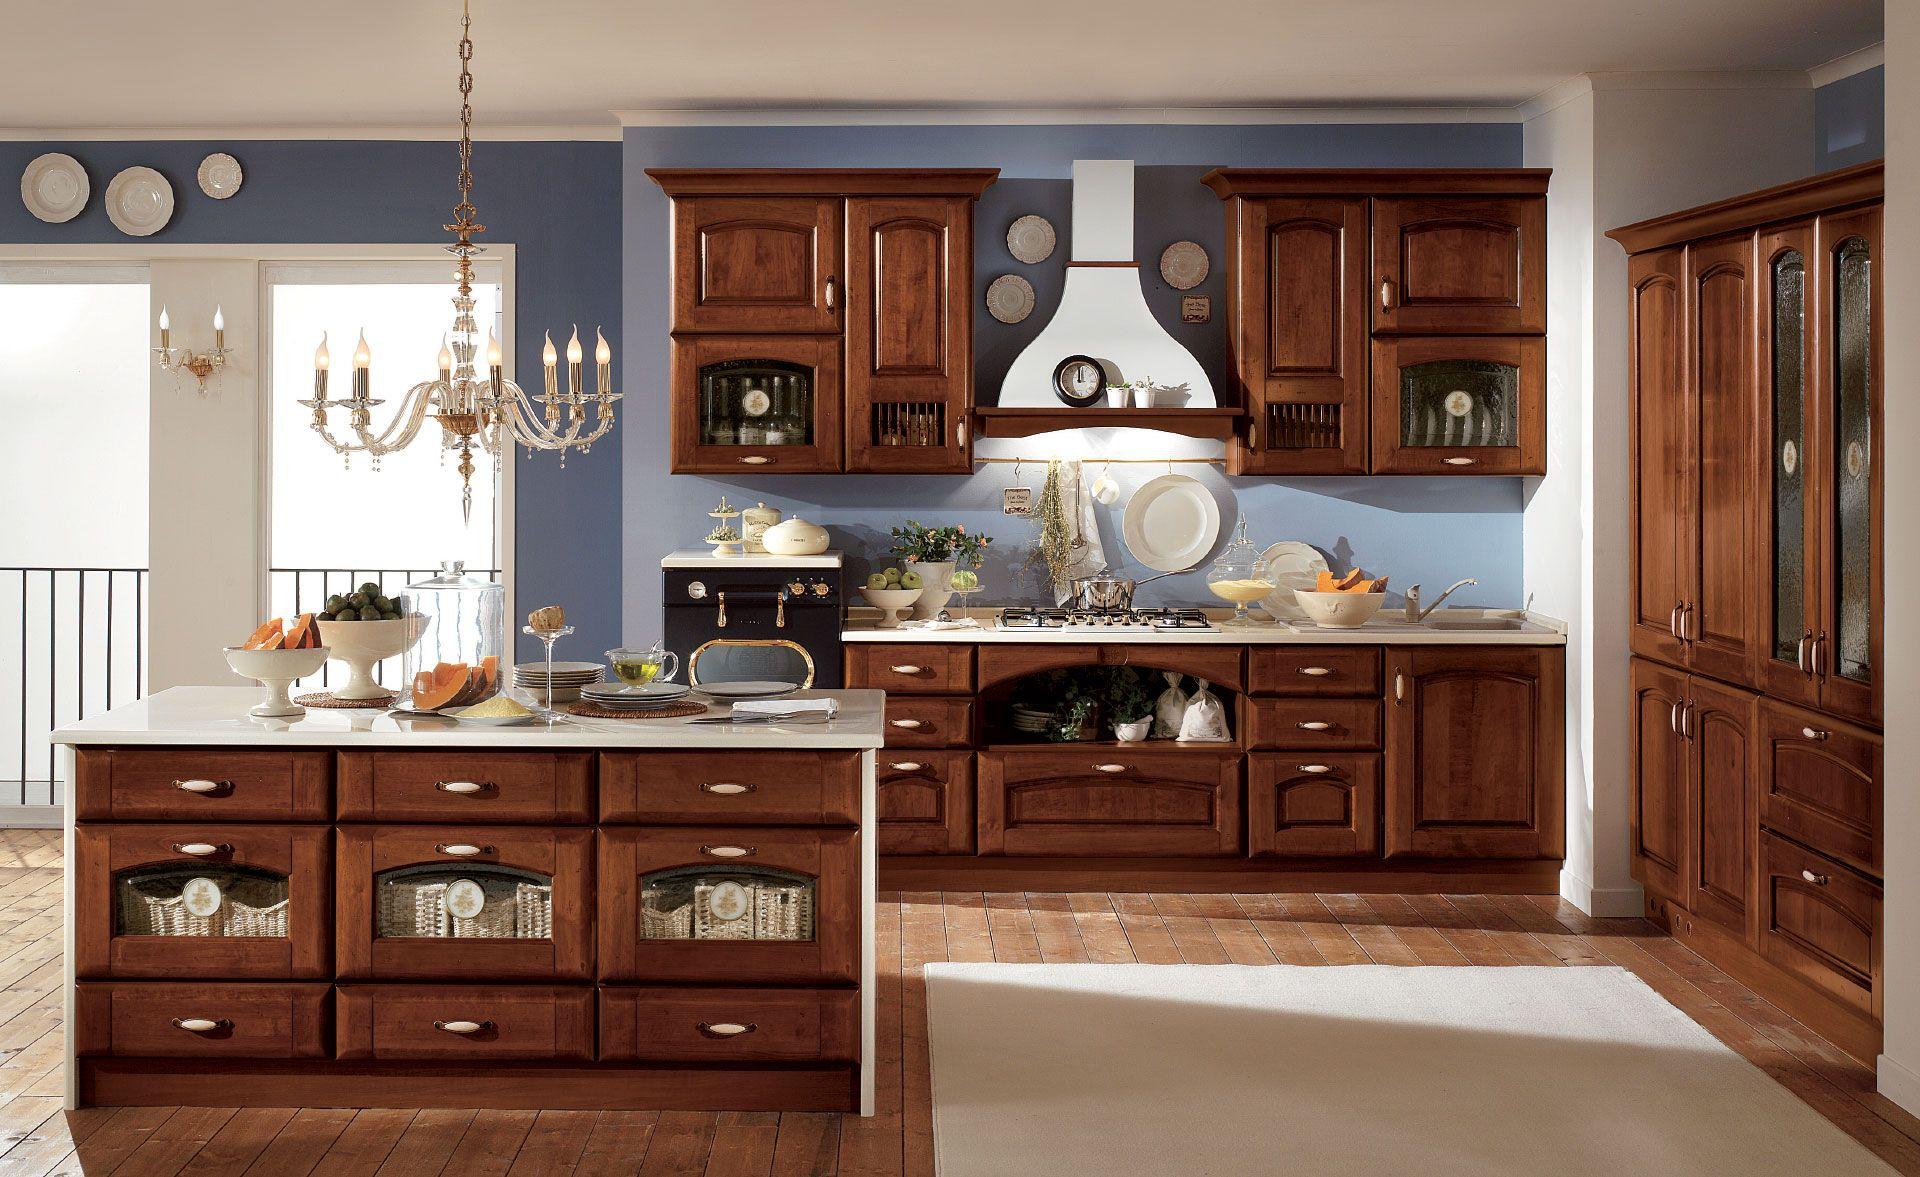 Cucina in legno scuro con la cappa d 39 arredo e isola centrale che ricrea un atmosfera calda e - Cucine con cappa centrale ...